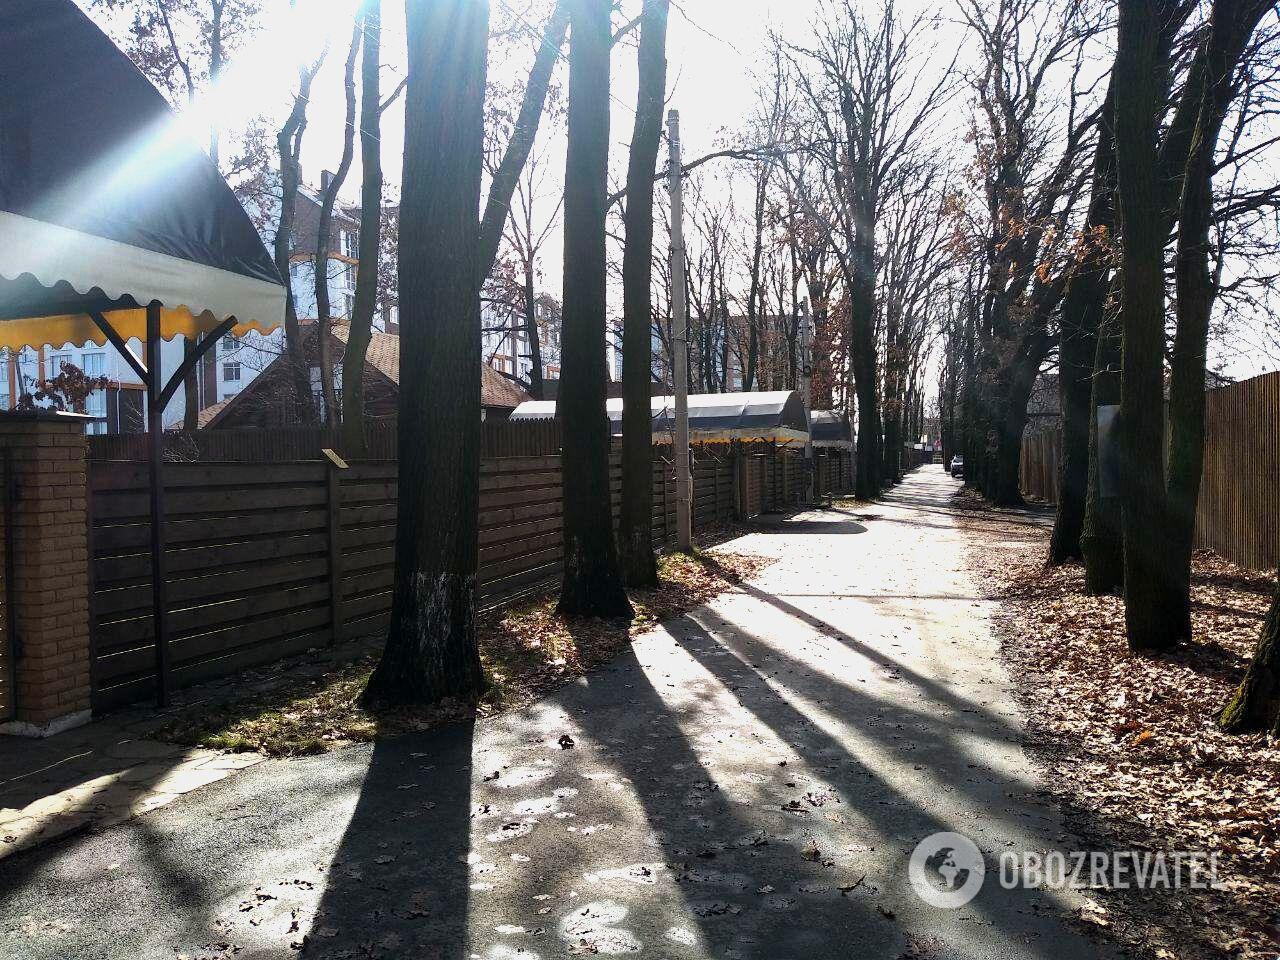 Нападение произошло на территории коттеджного городка в жилом массиве Крюковщина